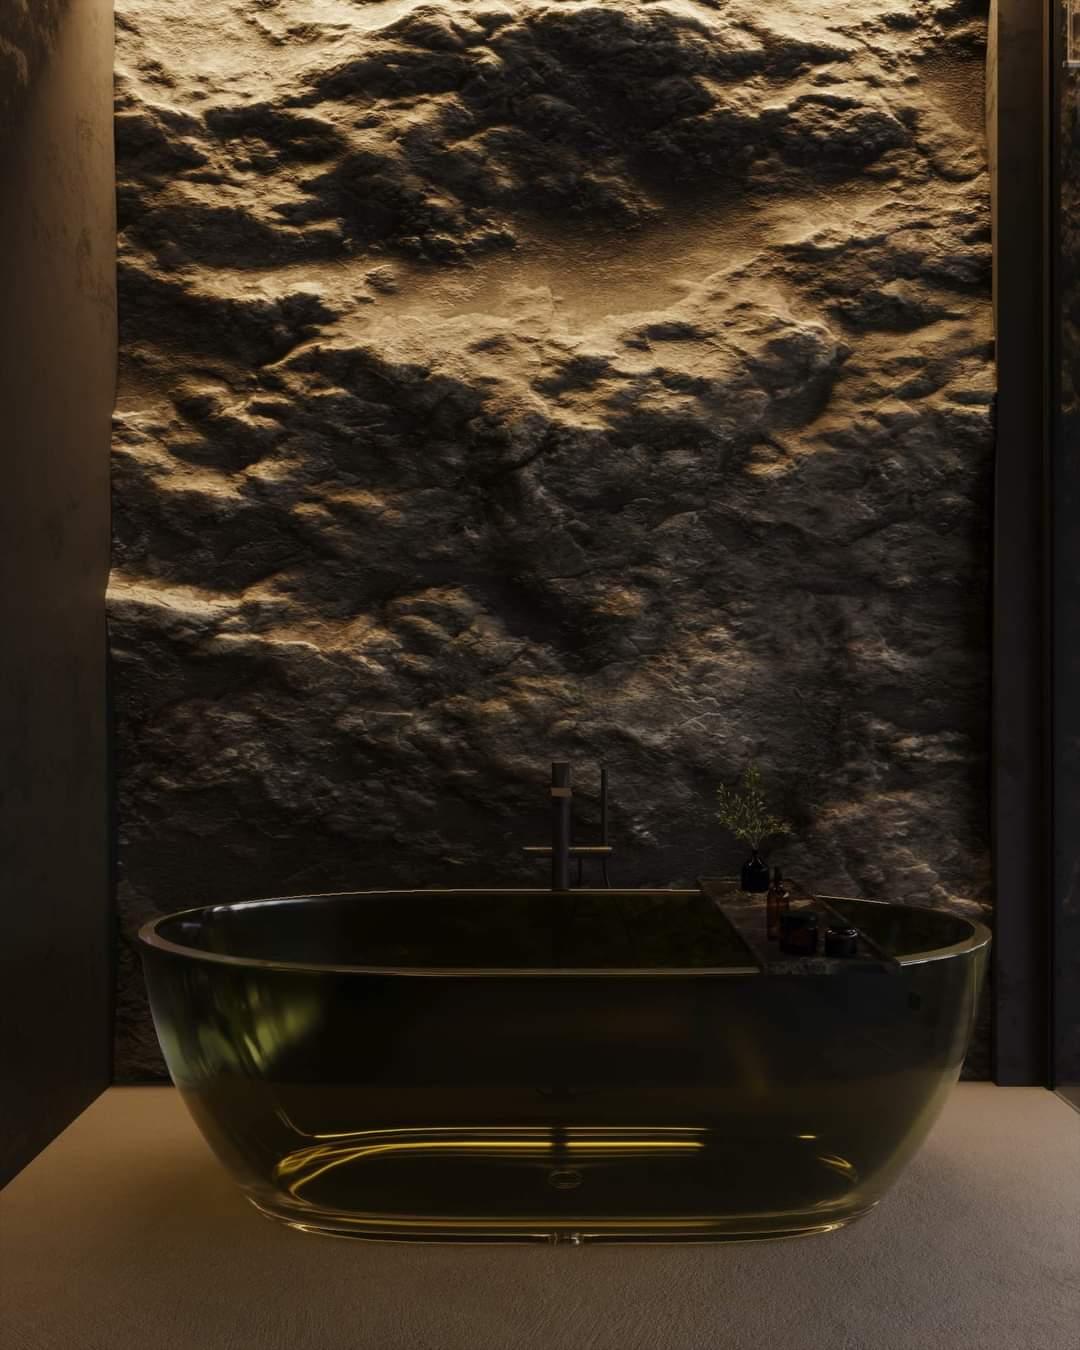 Alluring Bath Tub - Source: Kireevaaanna